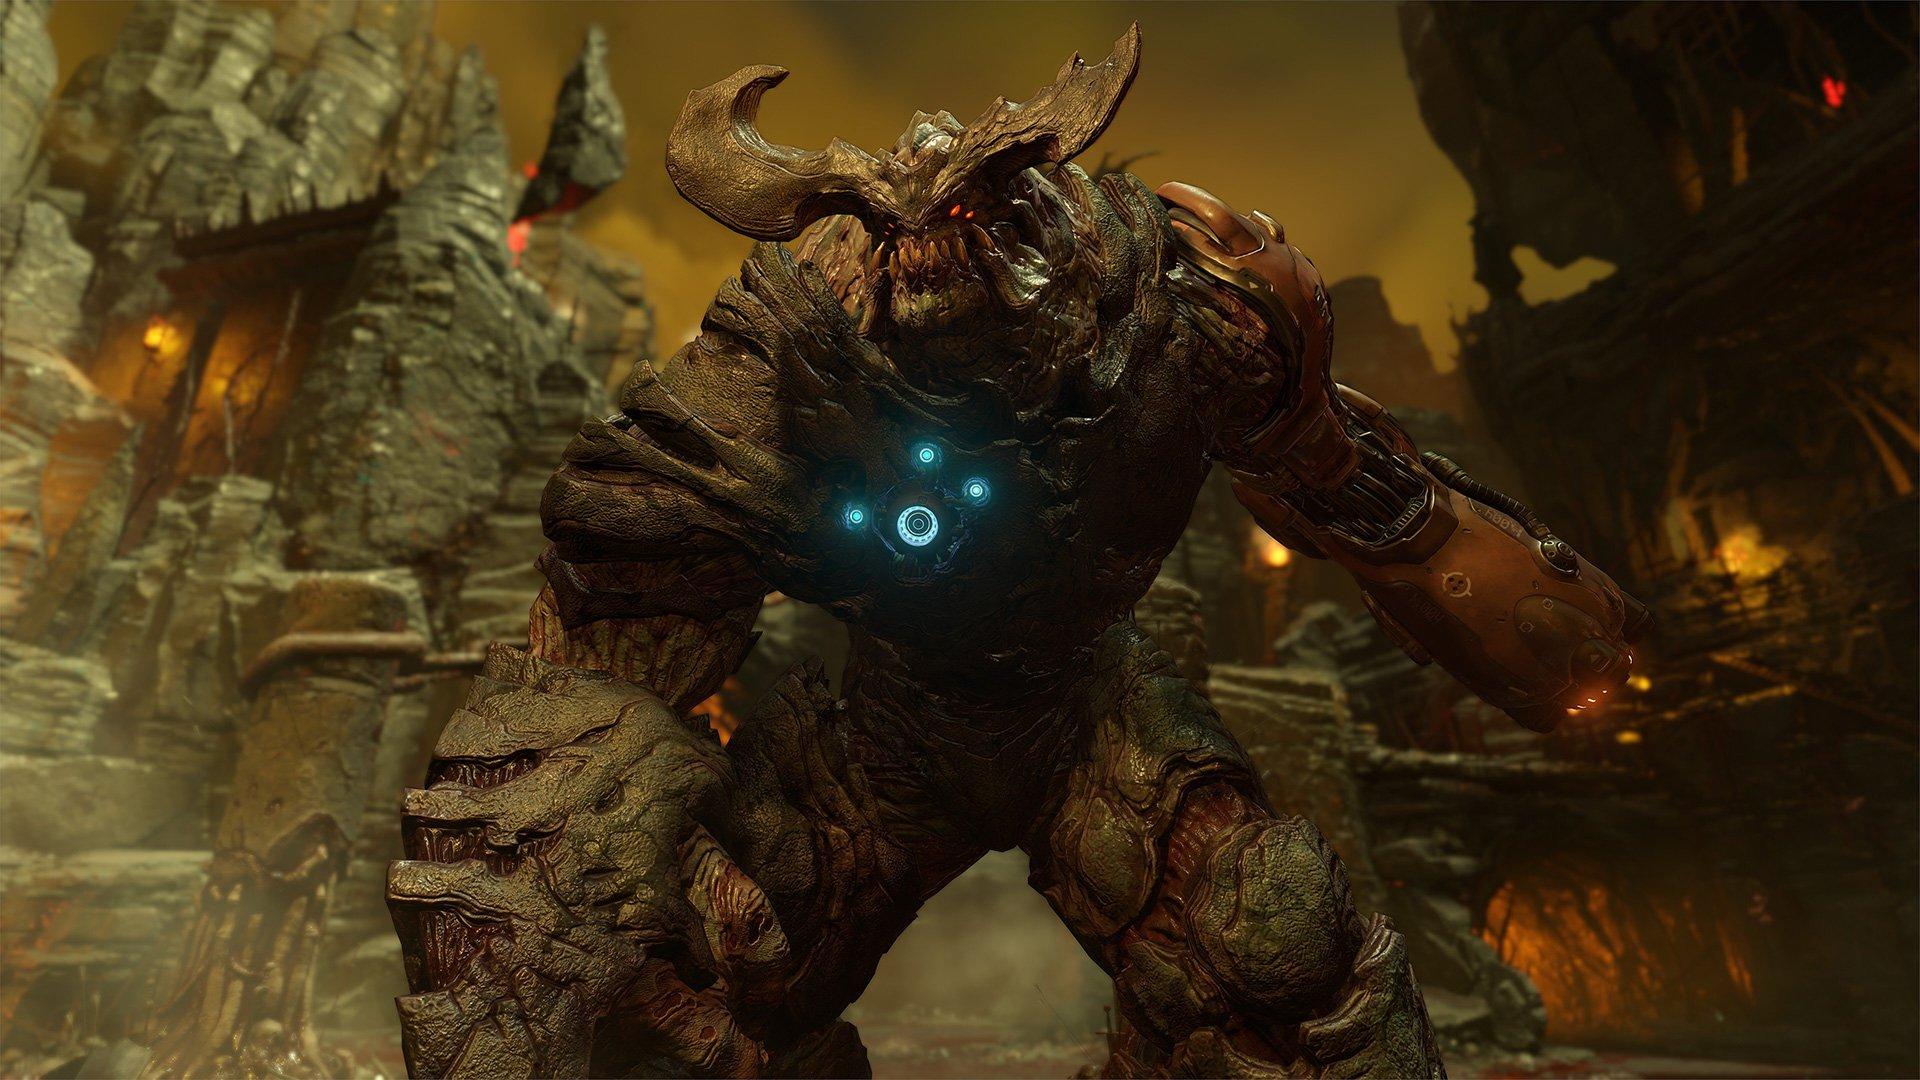 I Migliori Giochi Per Playstation 4 E Xbox One 8 - Hynerd.it